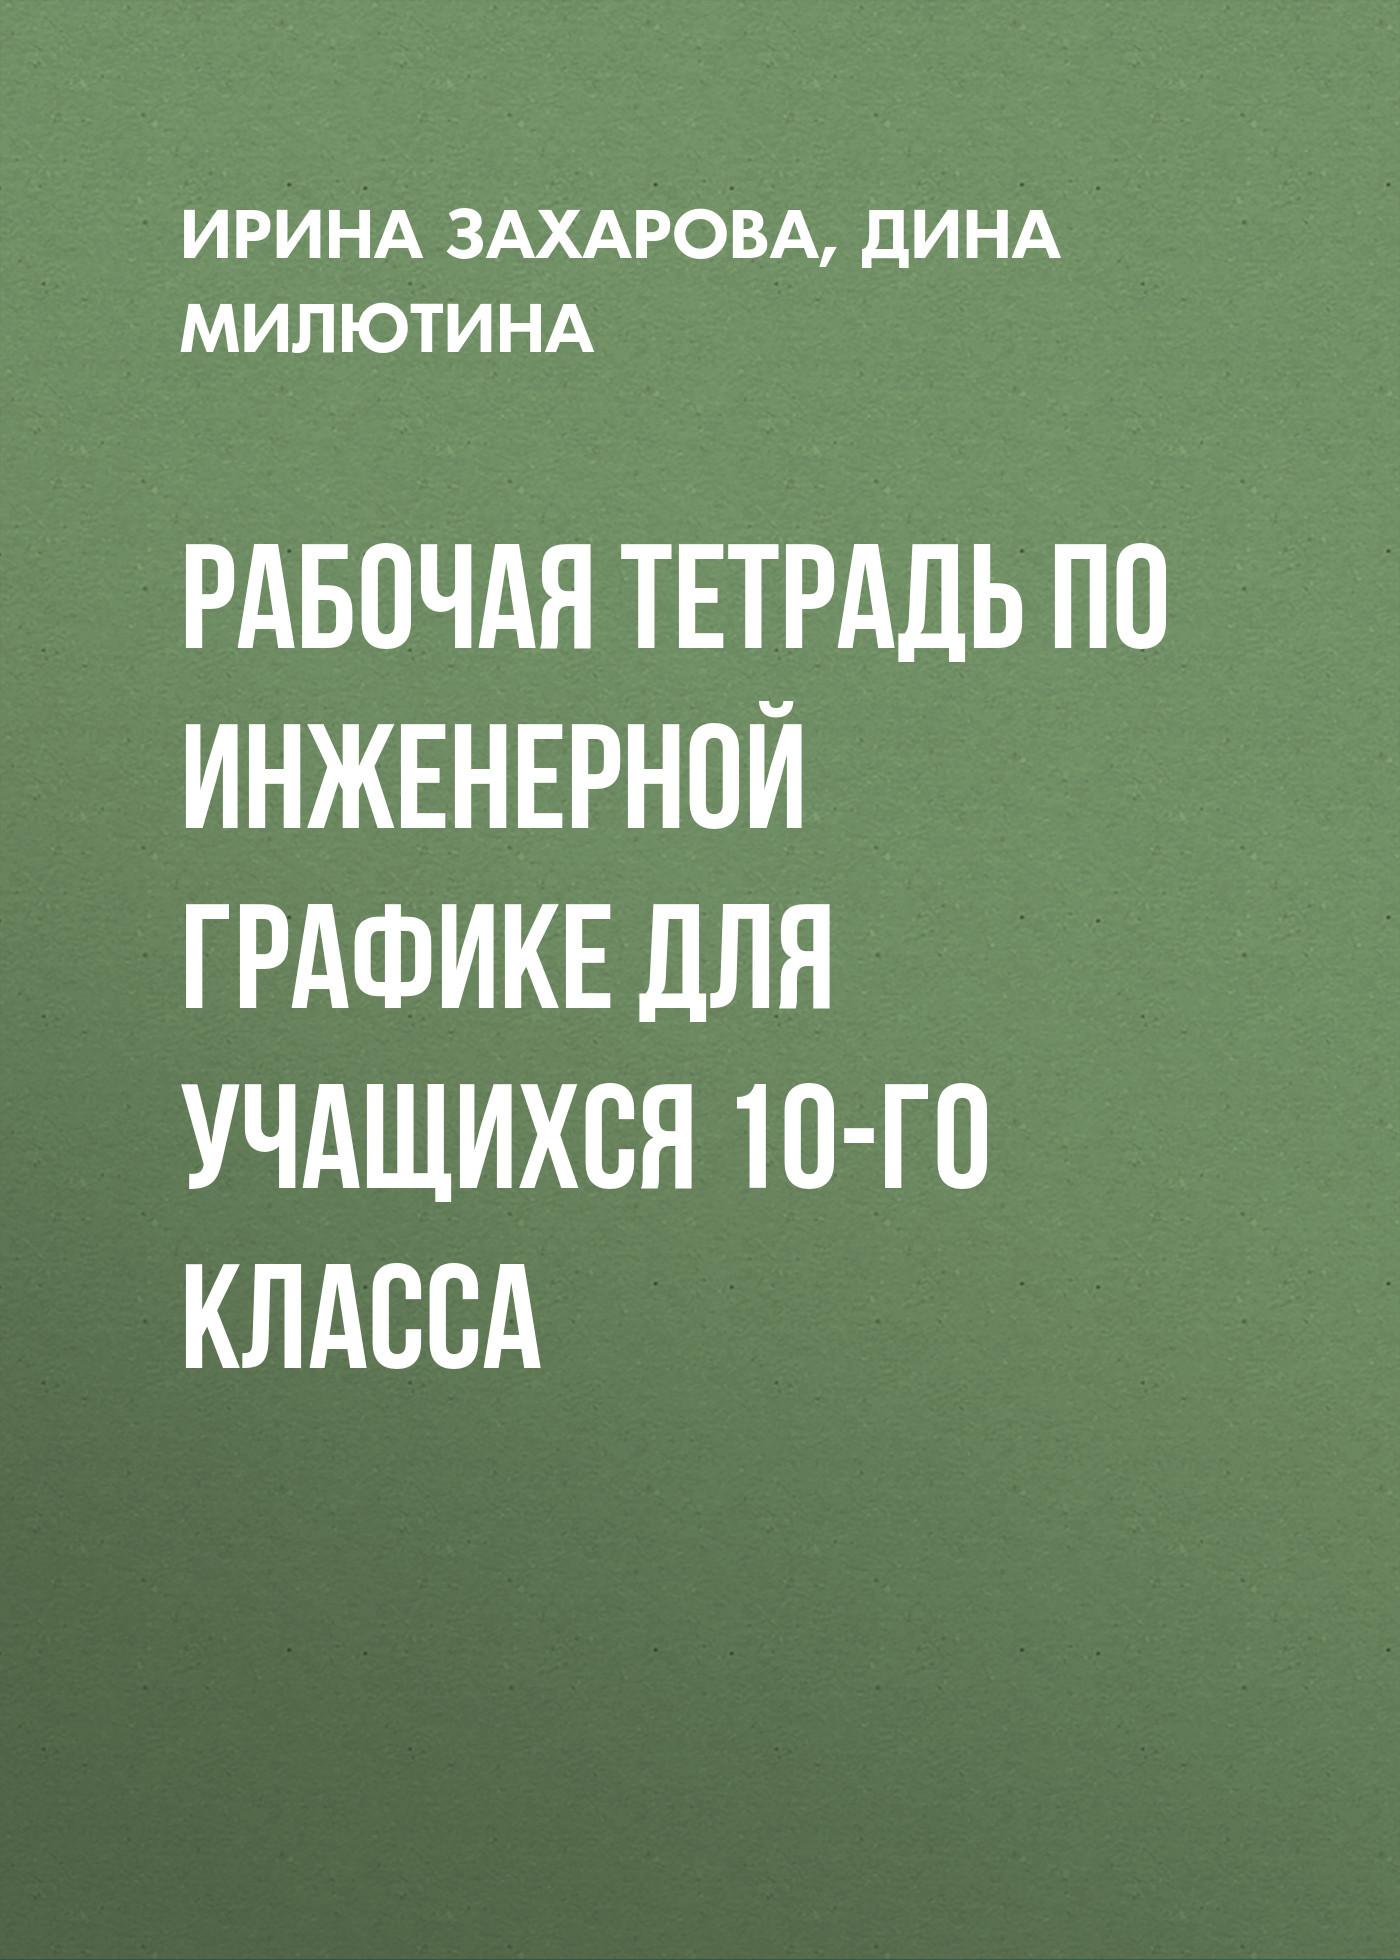 Ирина Захарова бесплатно